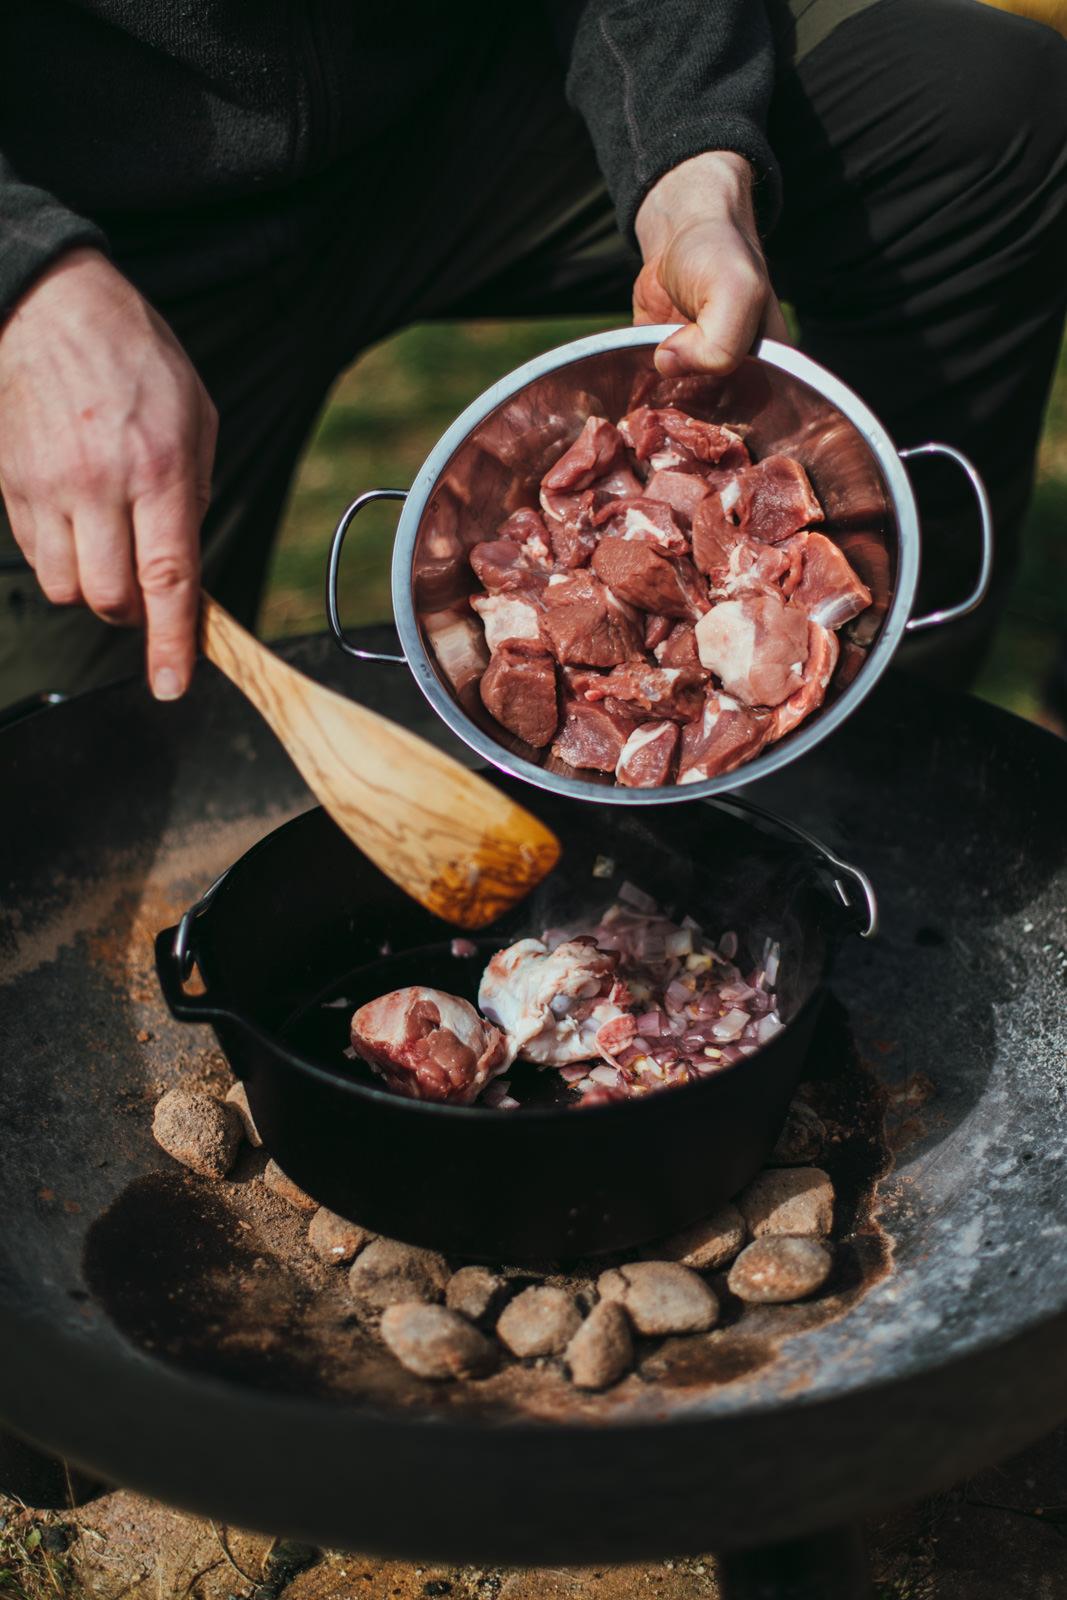 Lammfleisch wird in einen Gusseisernen Topf zugegeben.